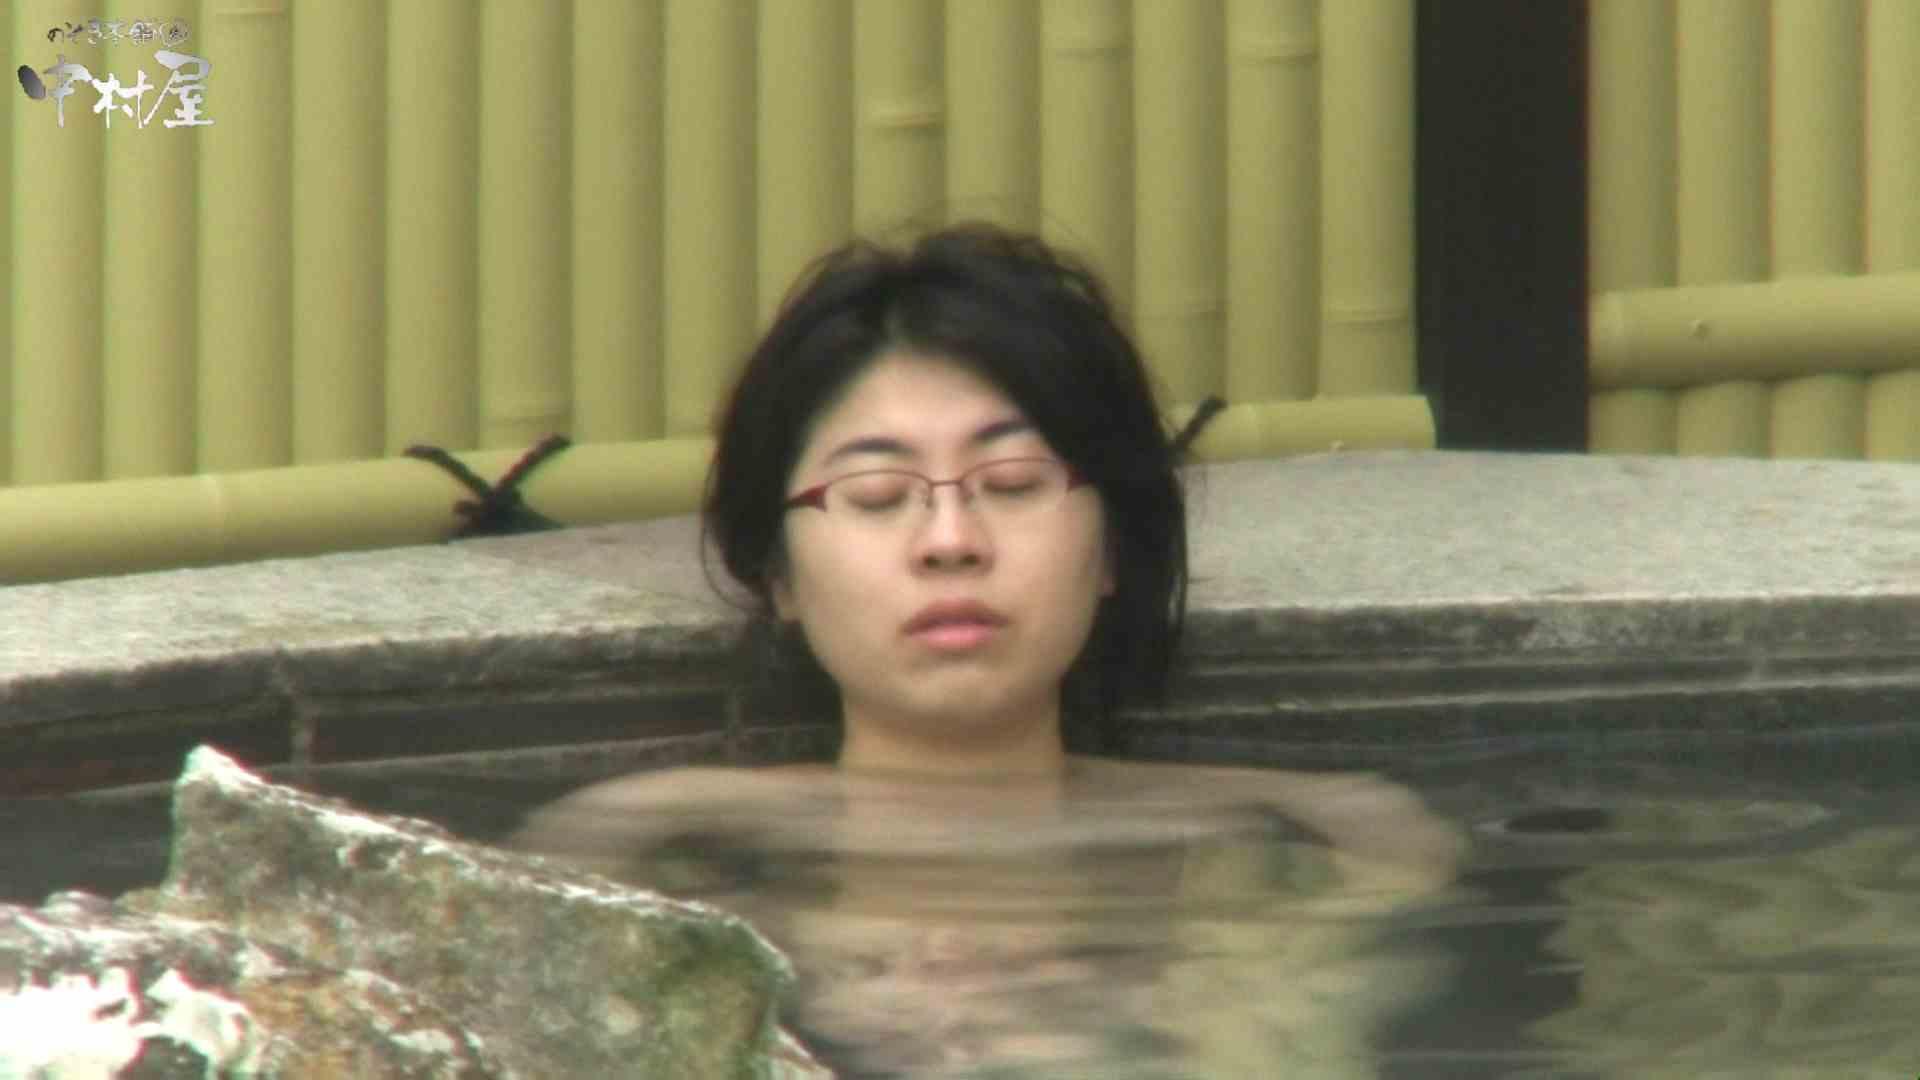 Aquaな露天風呂Vol.947 OLハメ撮り  61Pix 36